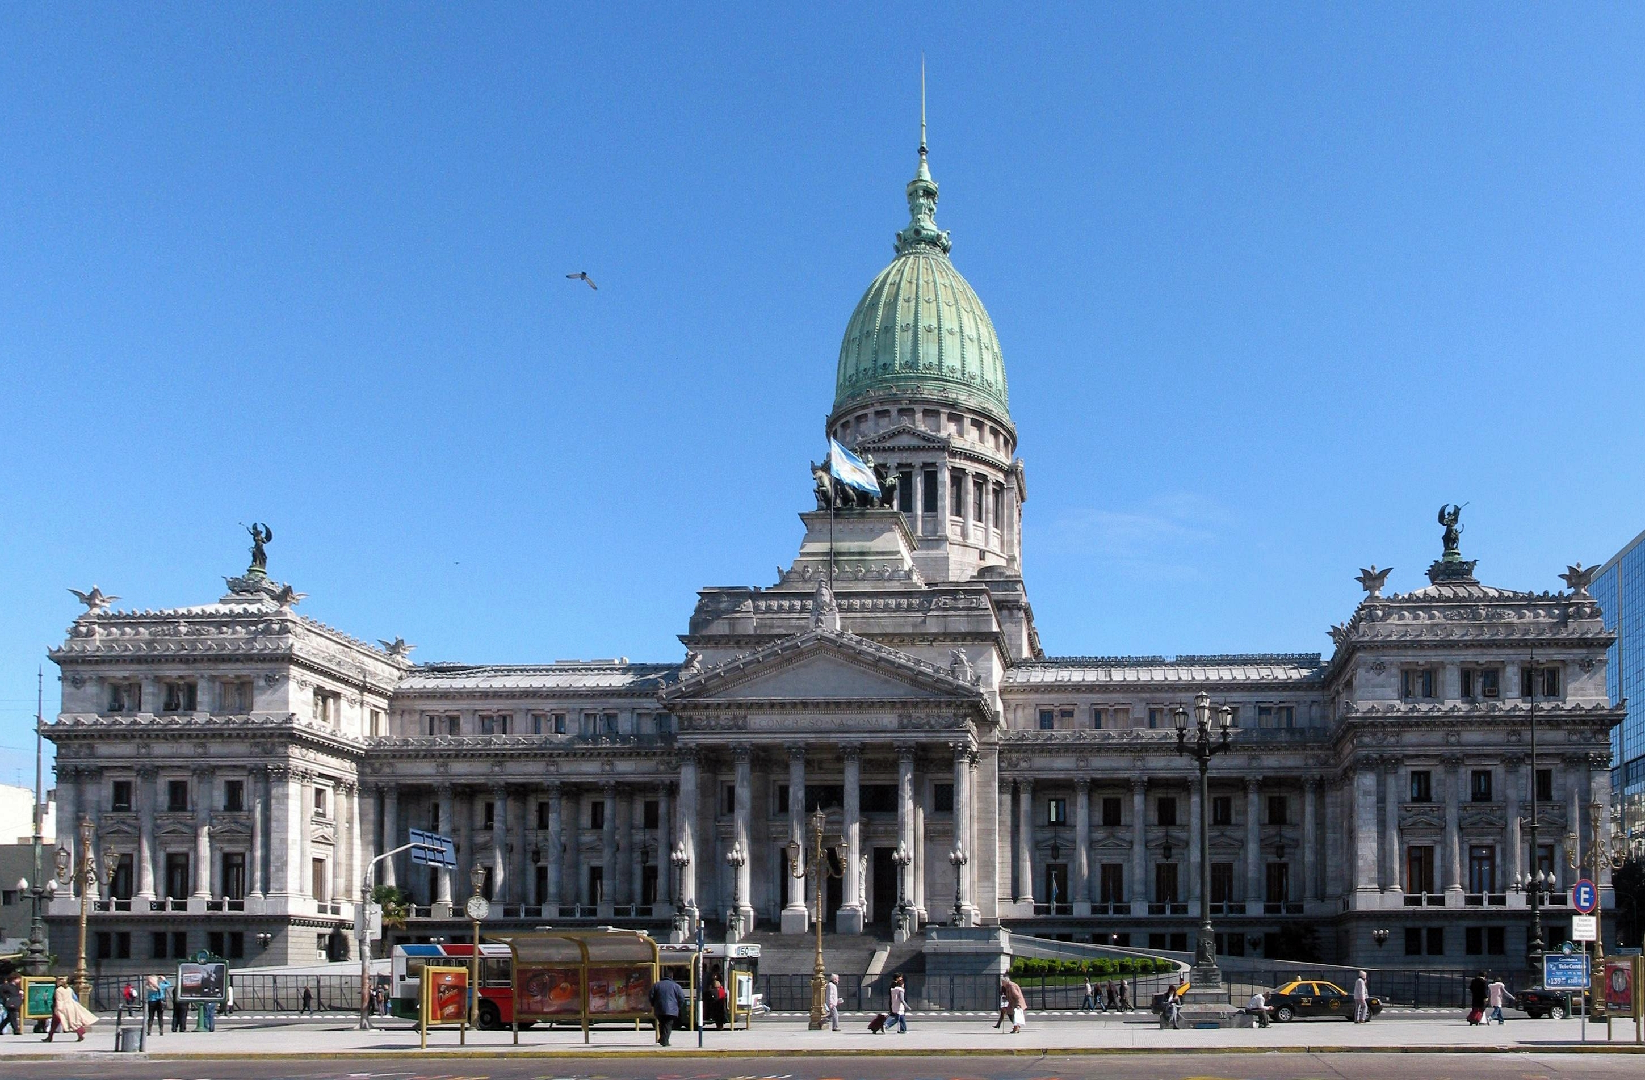 Organizaciones de la Sociedad Civil presentaron un amparo para que el Congreso de la Nación designe al/la titular de su Agencia de Acceso a la Información Pública